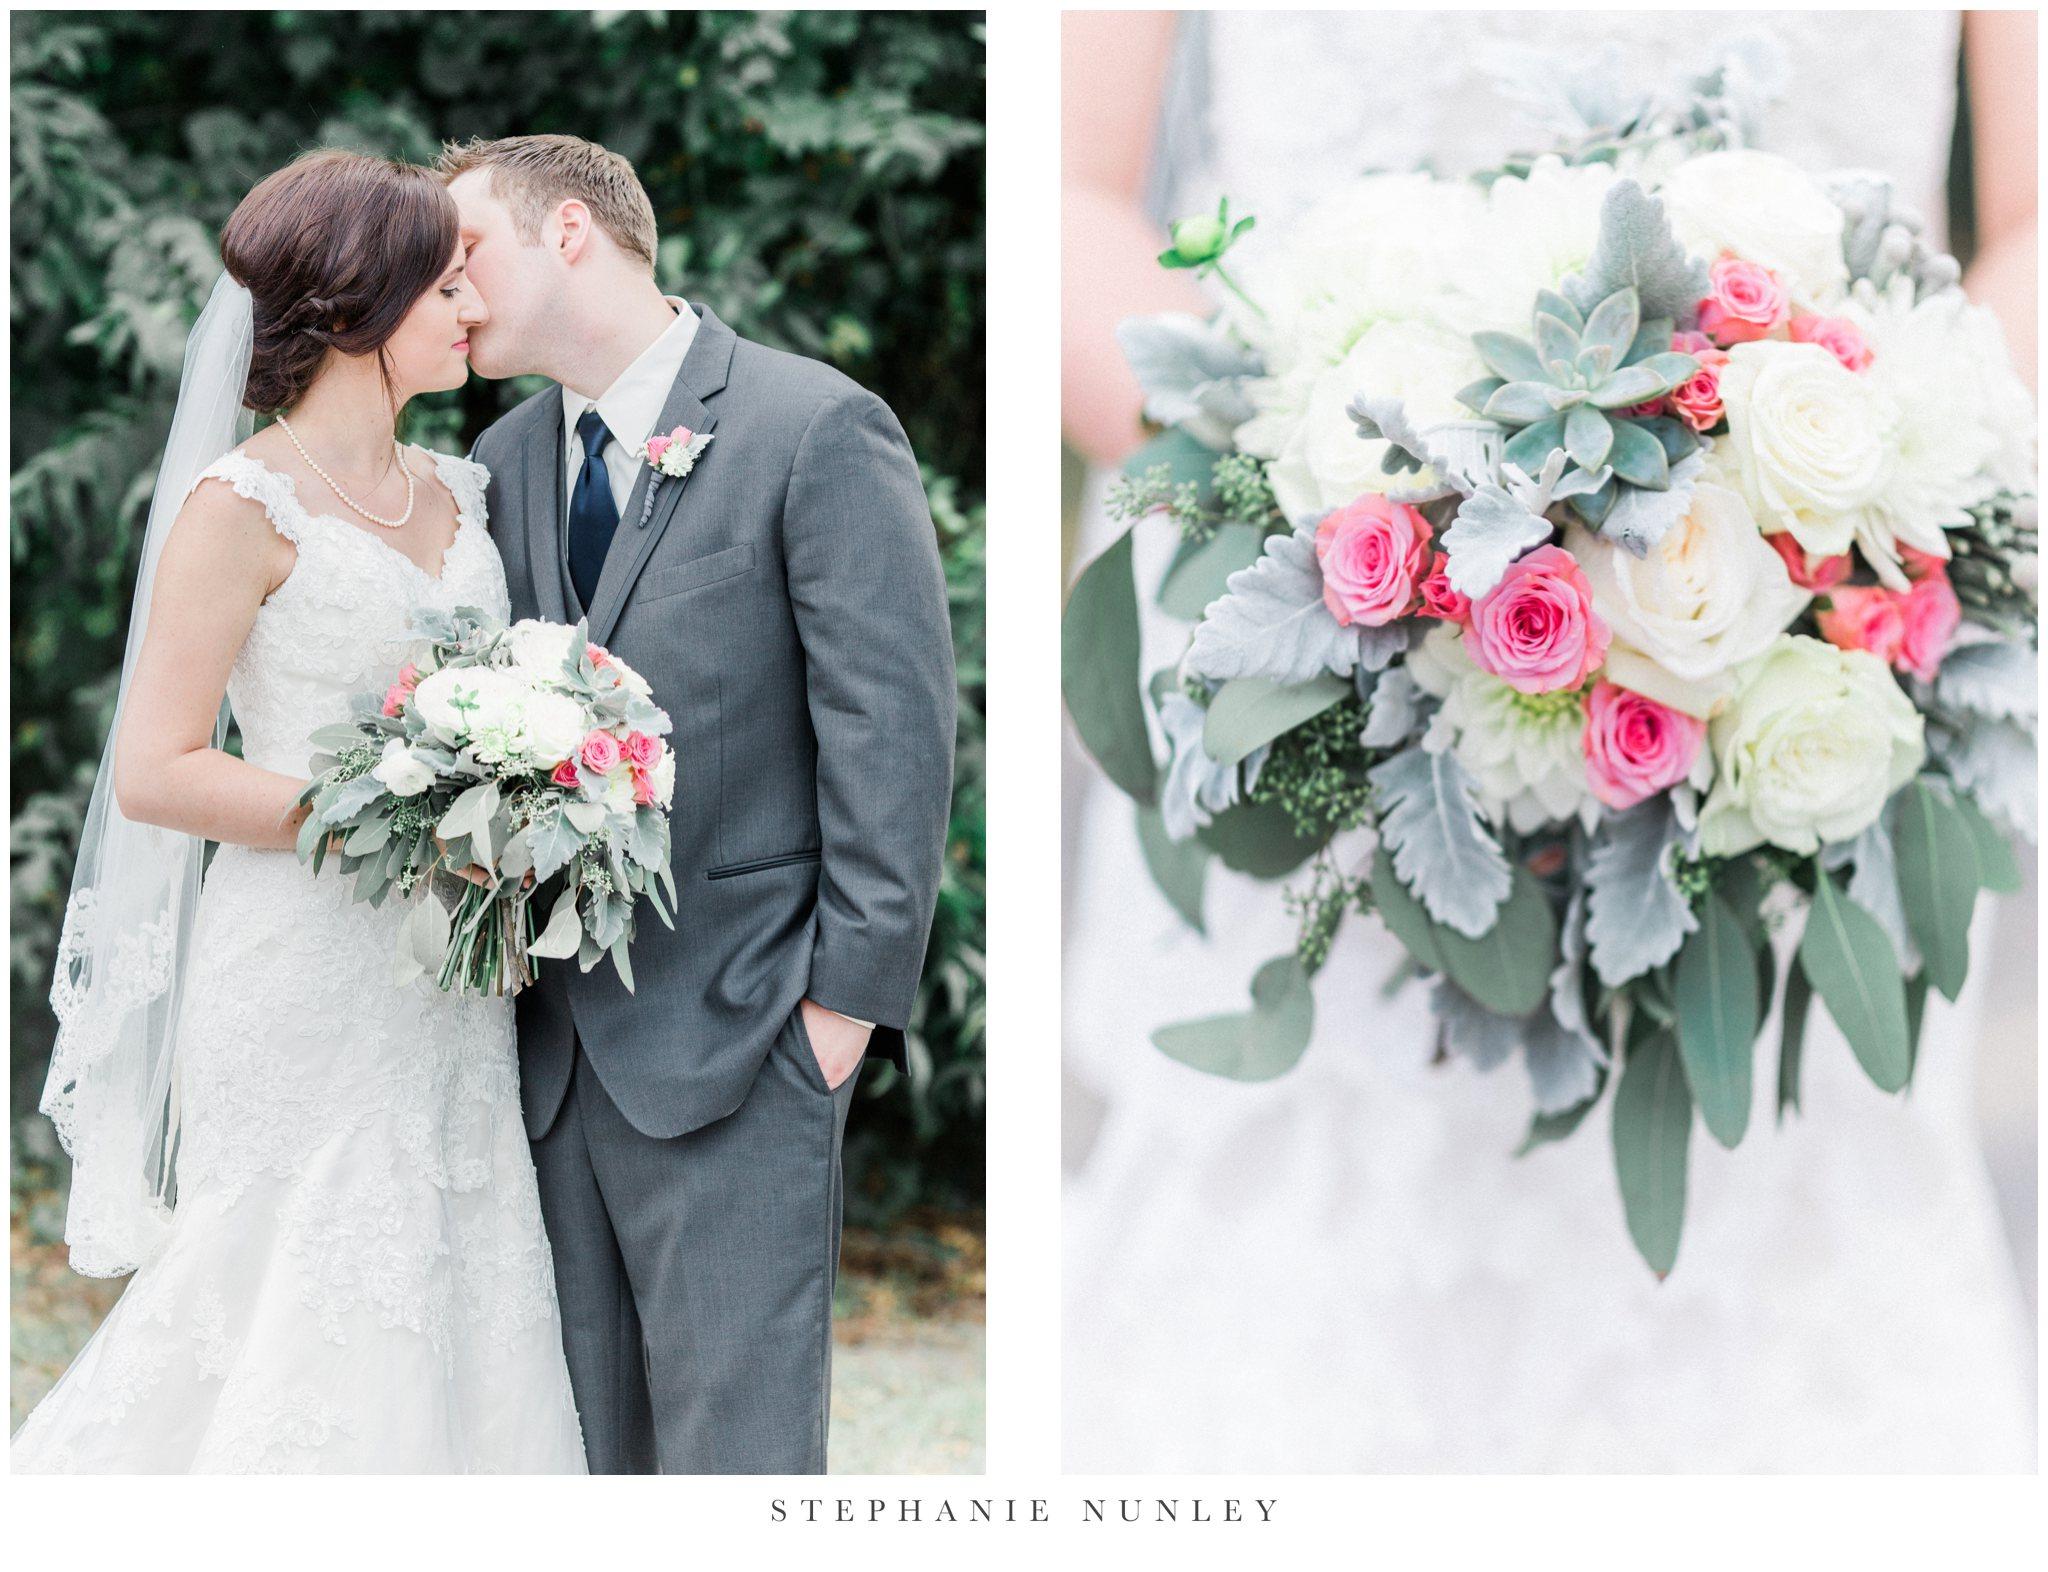 arkansas-outdoor-film-inspired-wedding-0064.jpg